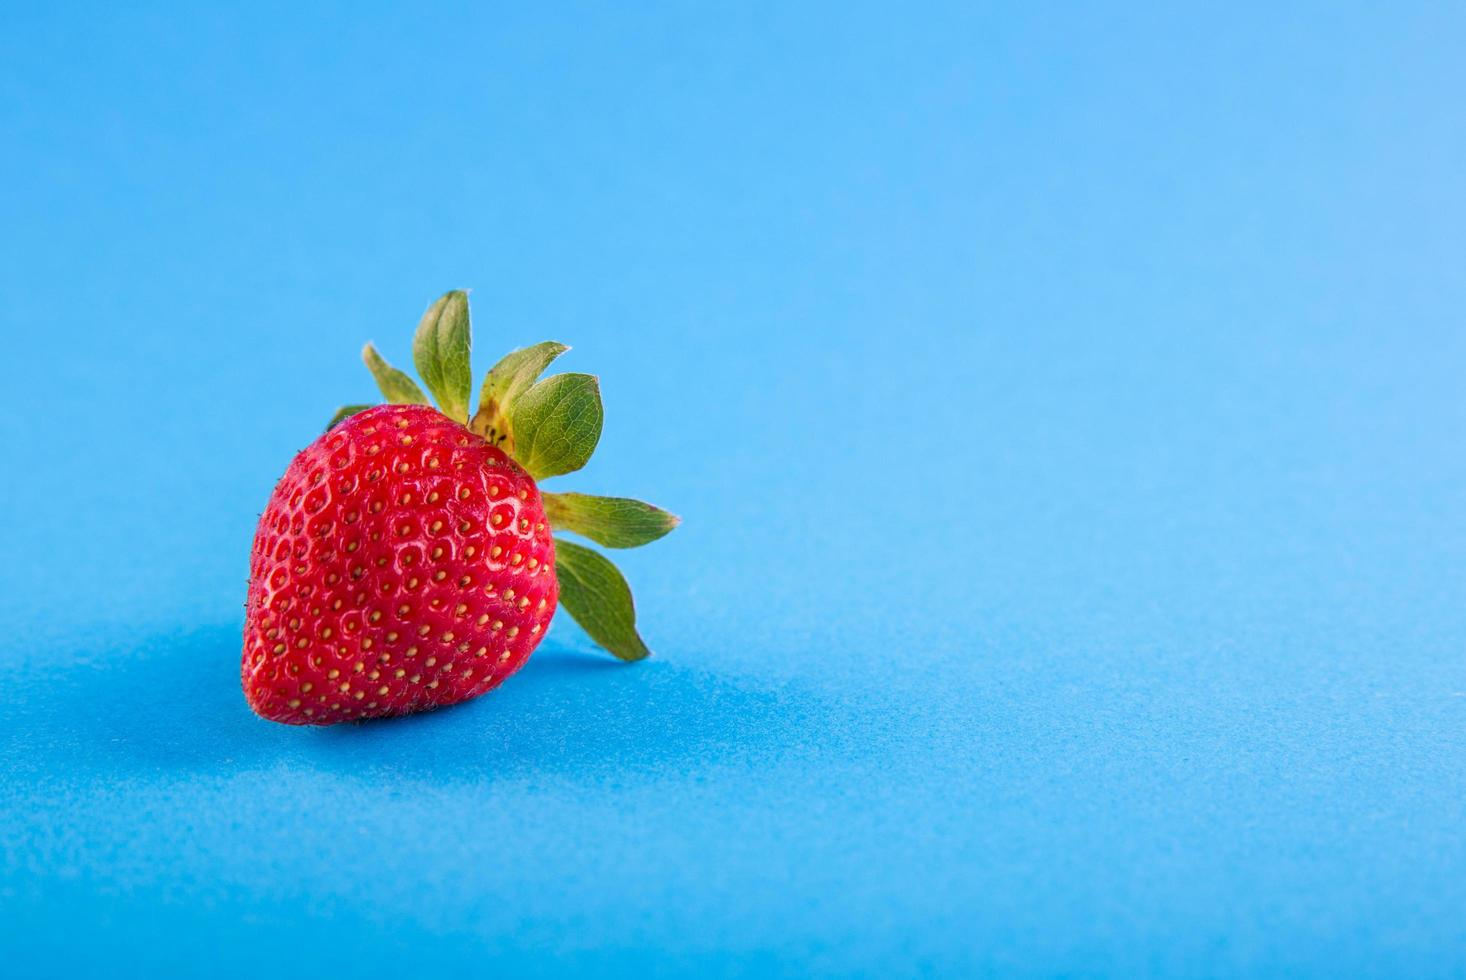 Erdbeere auf blauem Hintergrund foto